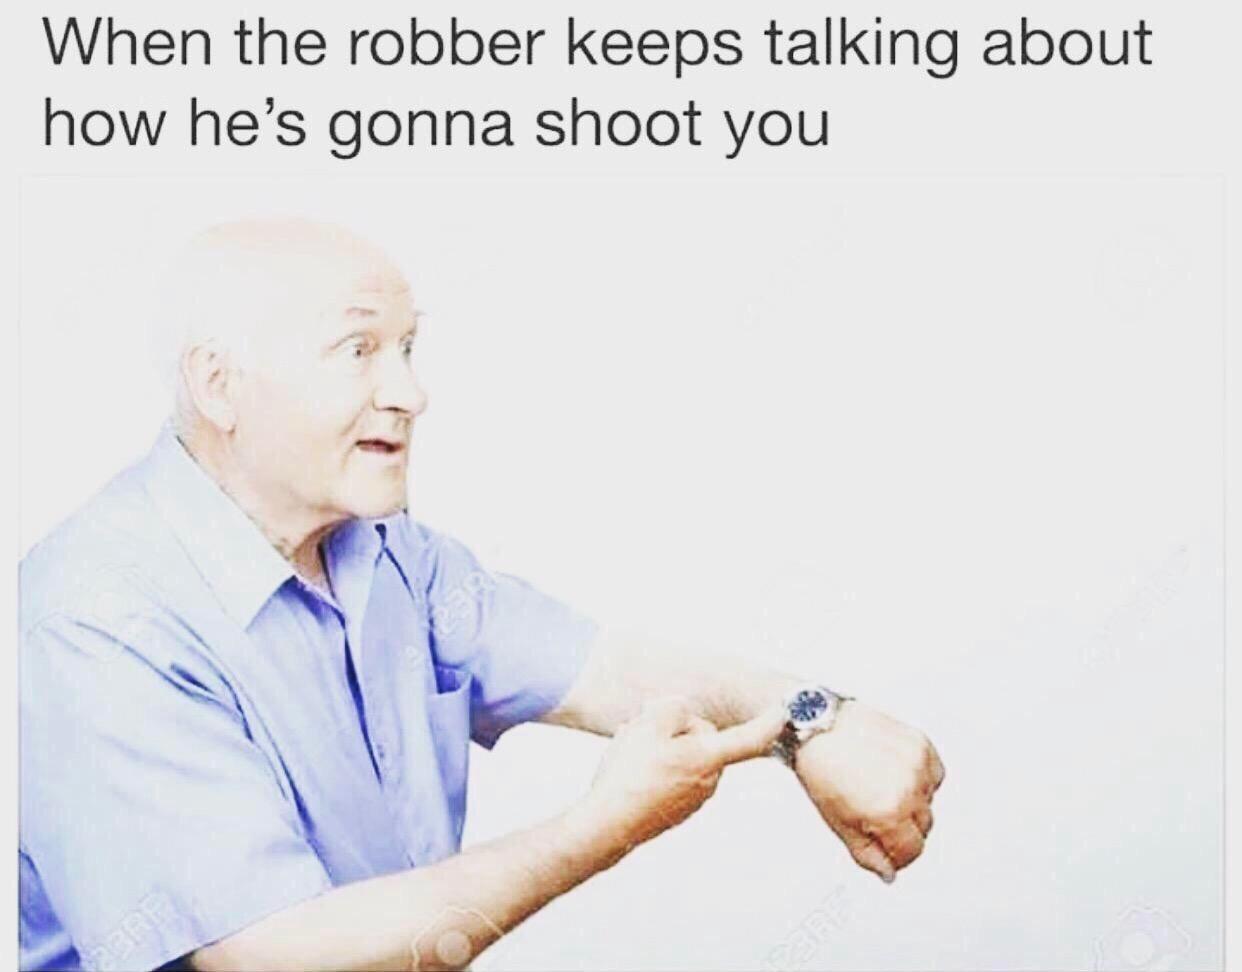 I just wanna die homie - meme